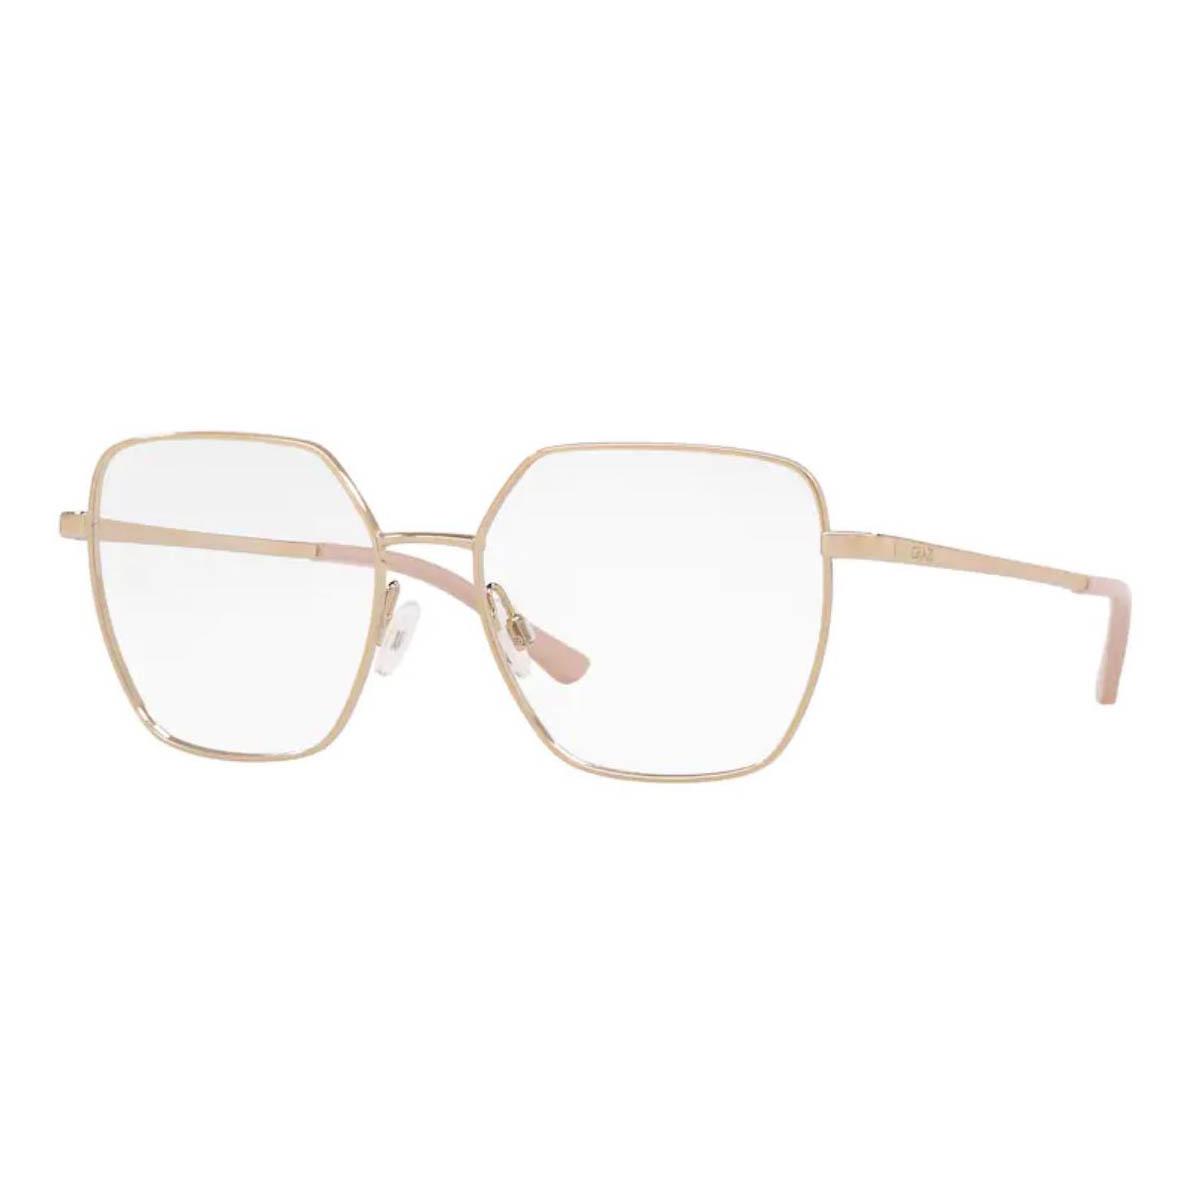 Óculos de Grau Feminino Grazi GZ1014 Dourado Brilho Tamanho 53